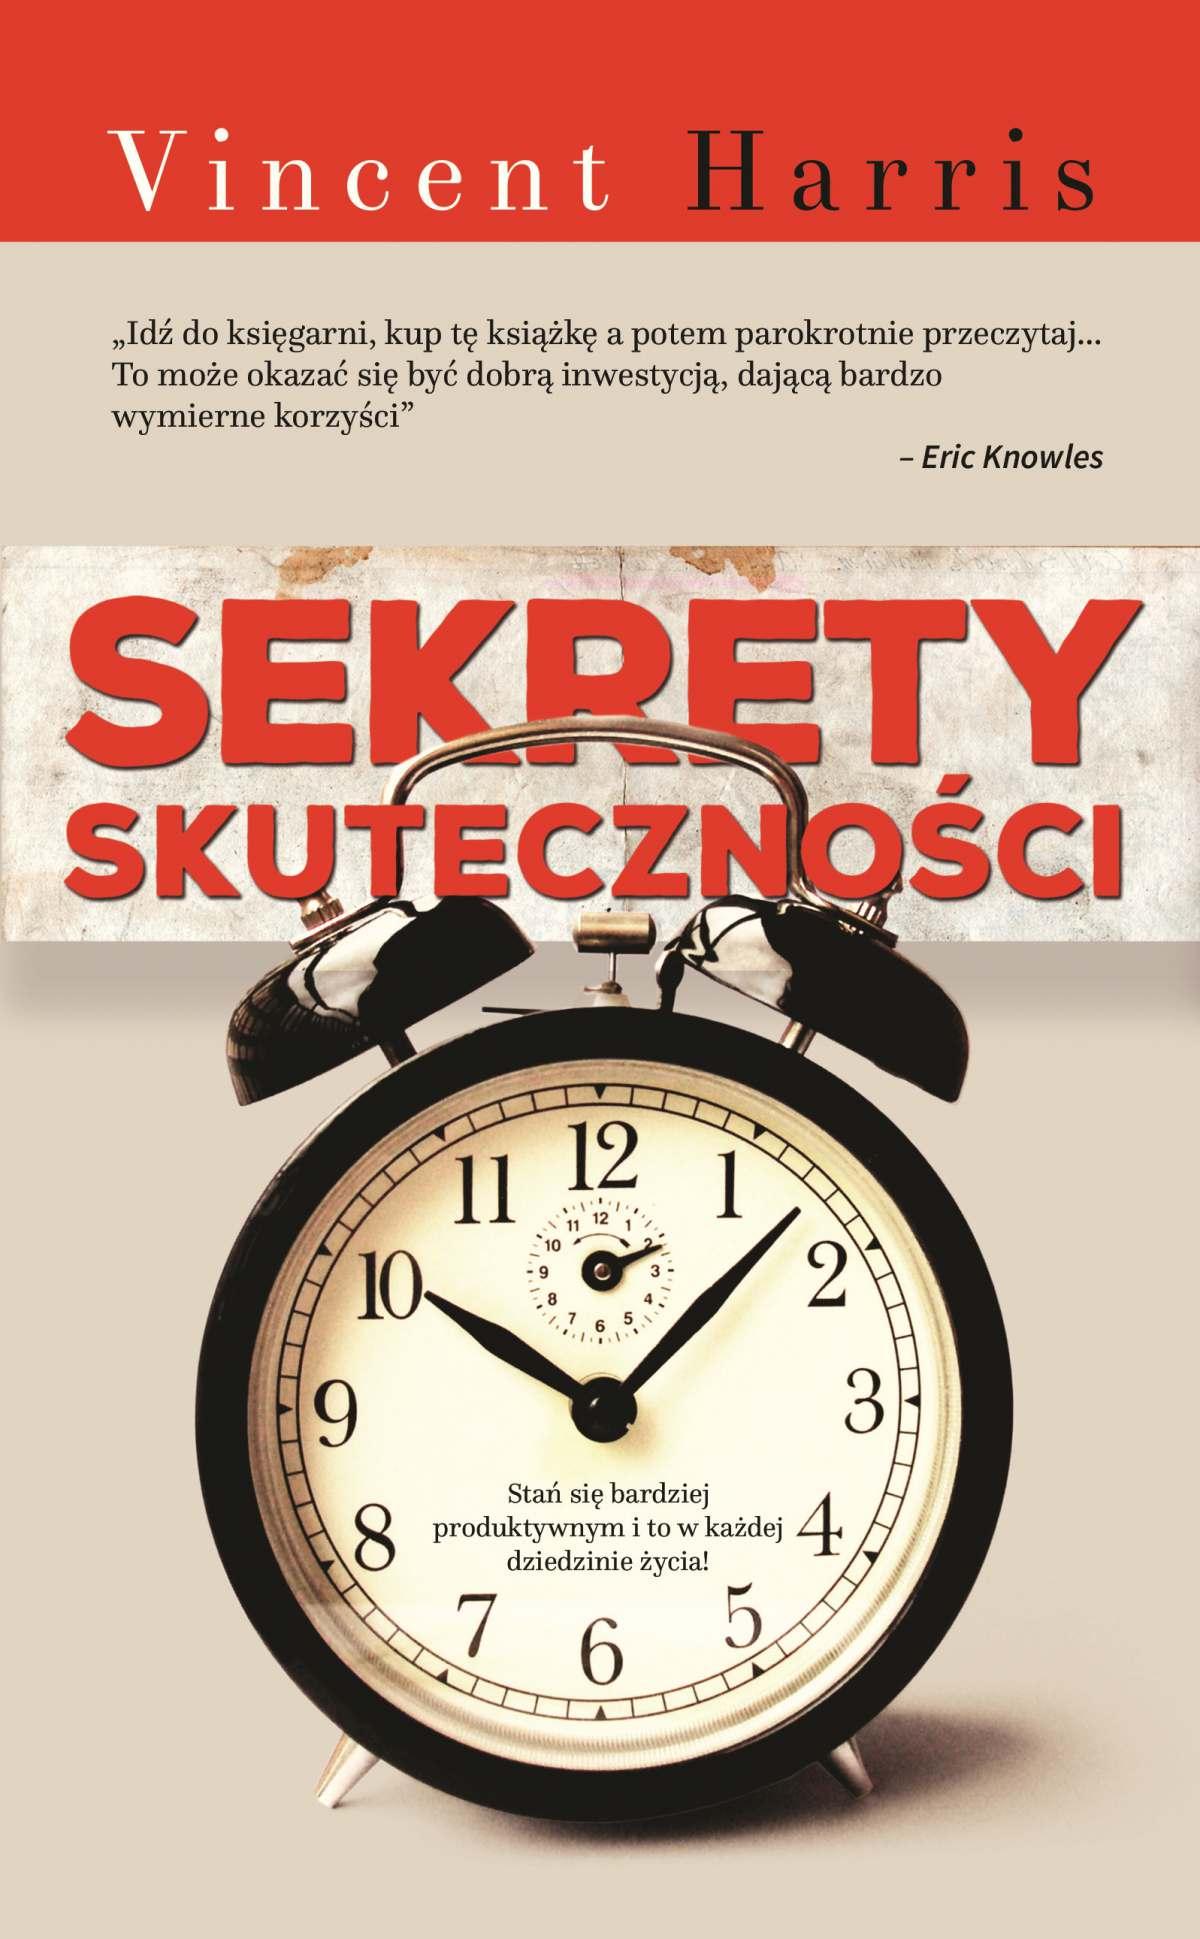 Sekrety skuteczności Stań się bardziej produktywnym i to w każdej dziedzinie życia! - Ebook (Książka EPUB) do pobrania w formacie EPUB